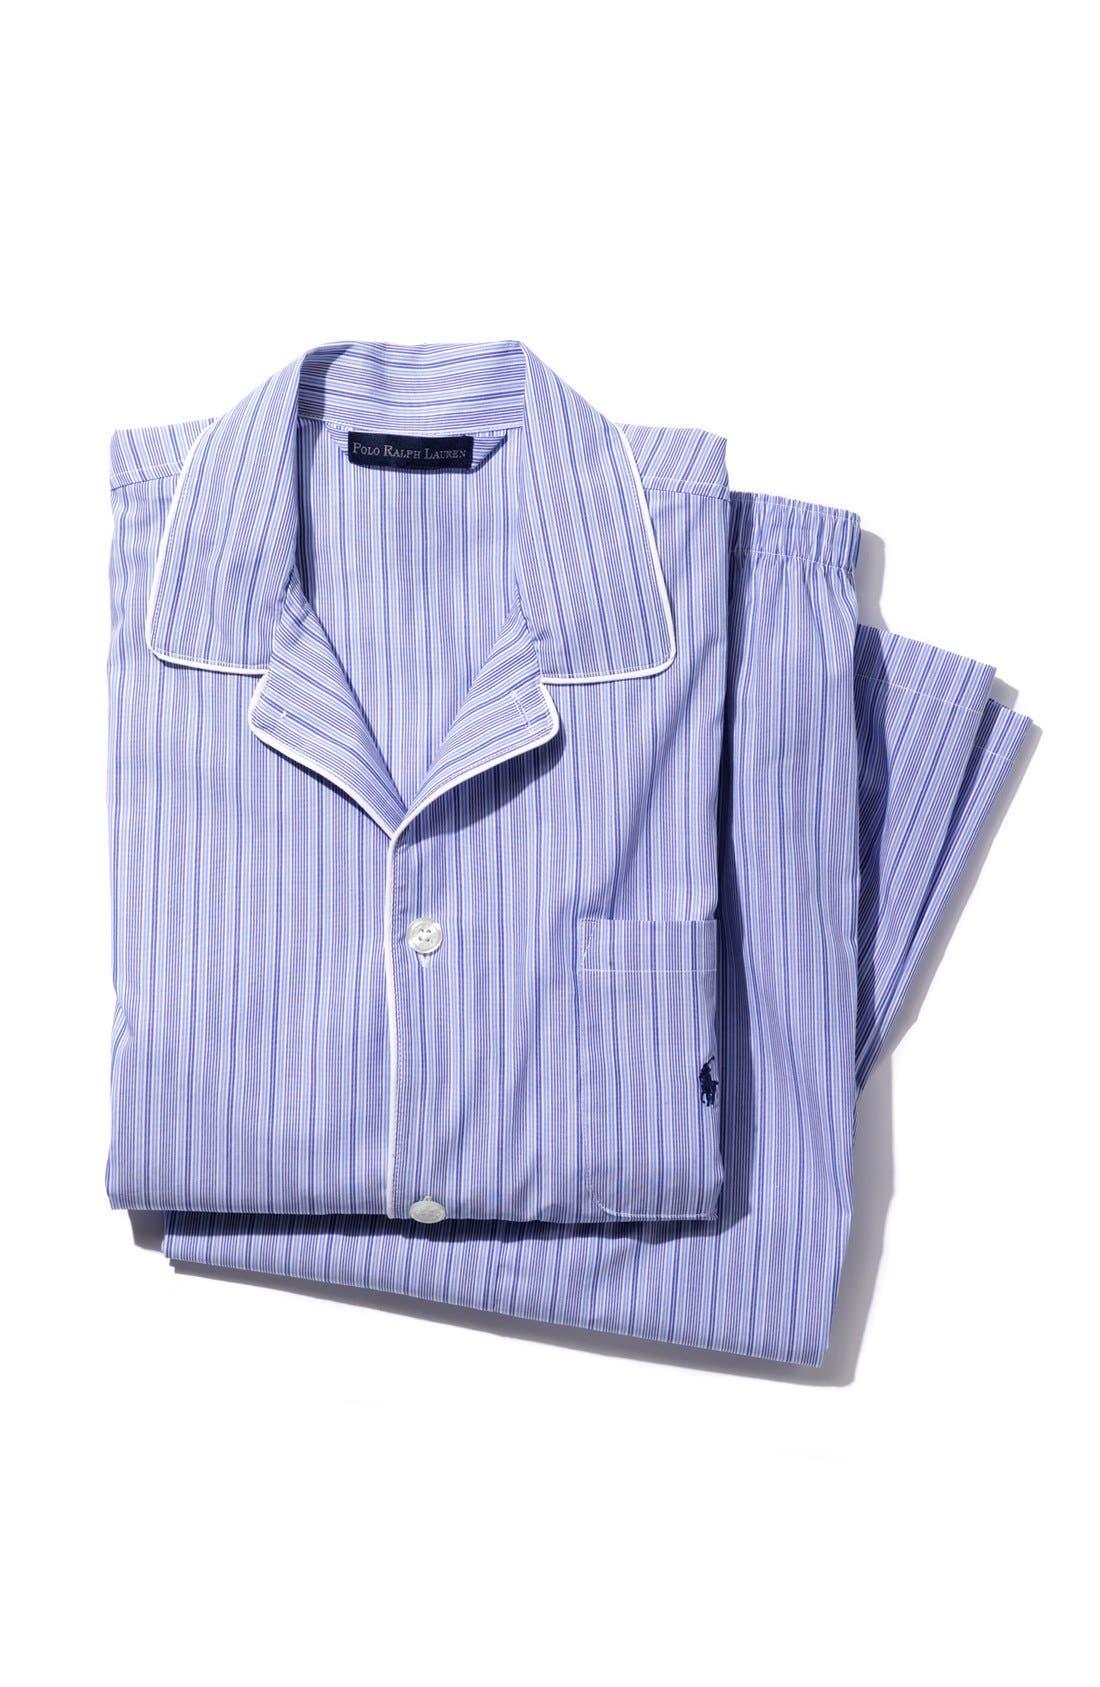 Pajama Top,                             Main thumbnail 1, color,                             BLACK ROYAL OXFORD